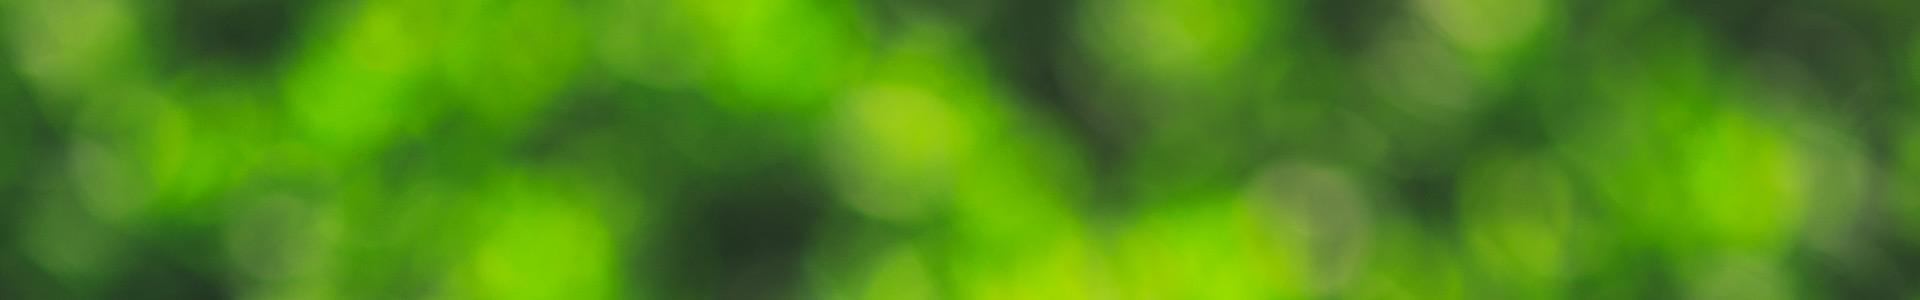 Vihreä bokeh